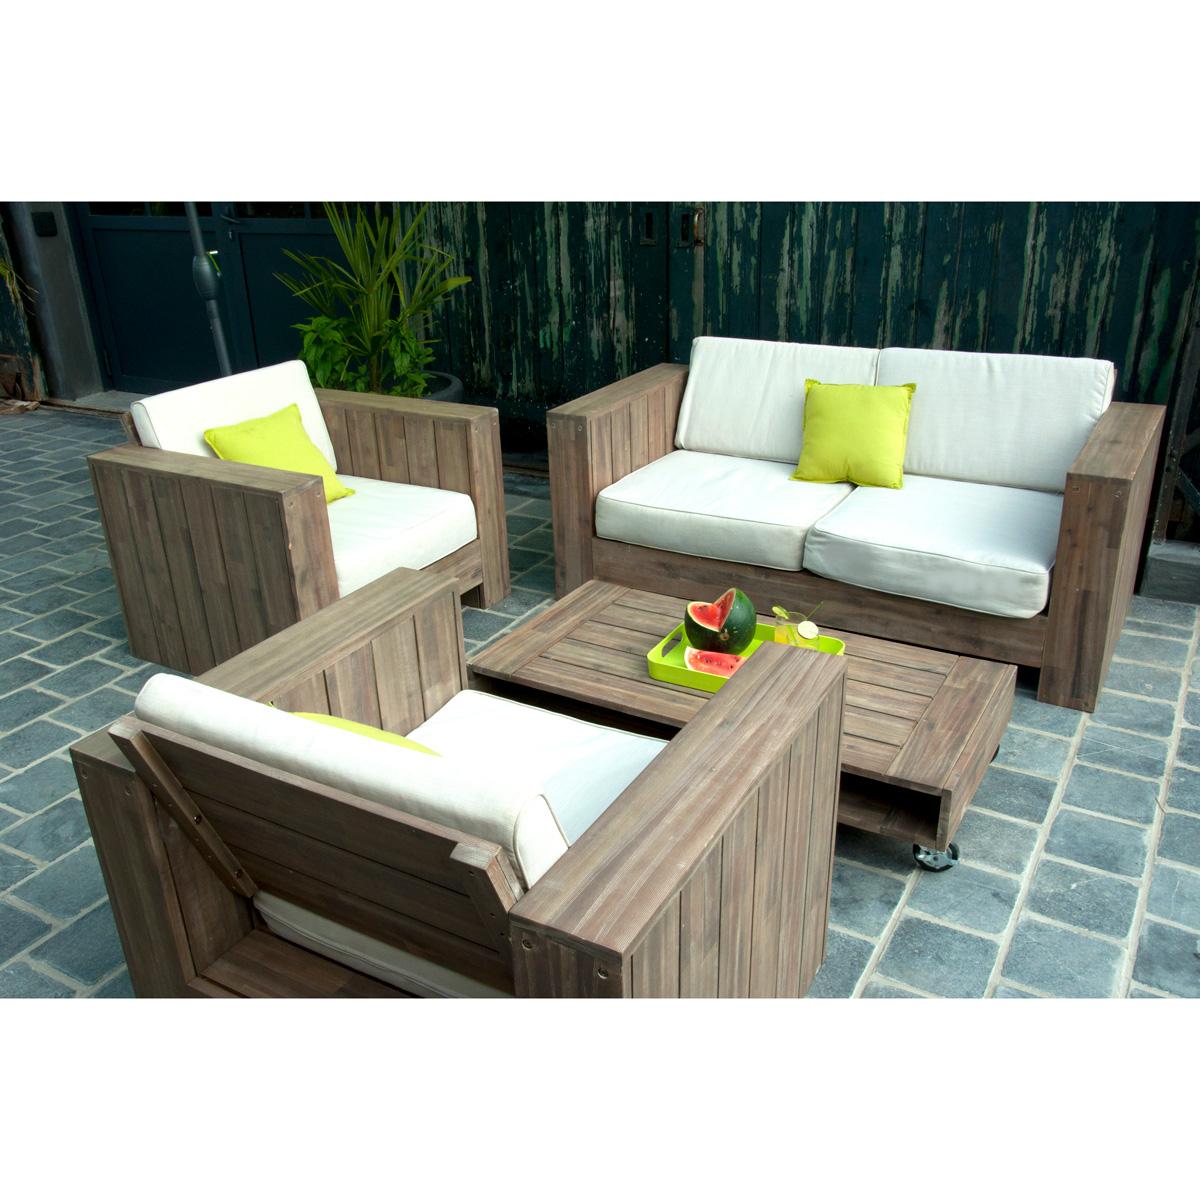 Salon de jardin en bois et aluminium - Mailleraye.fr jardin